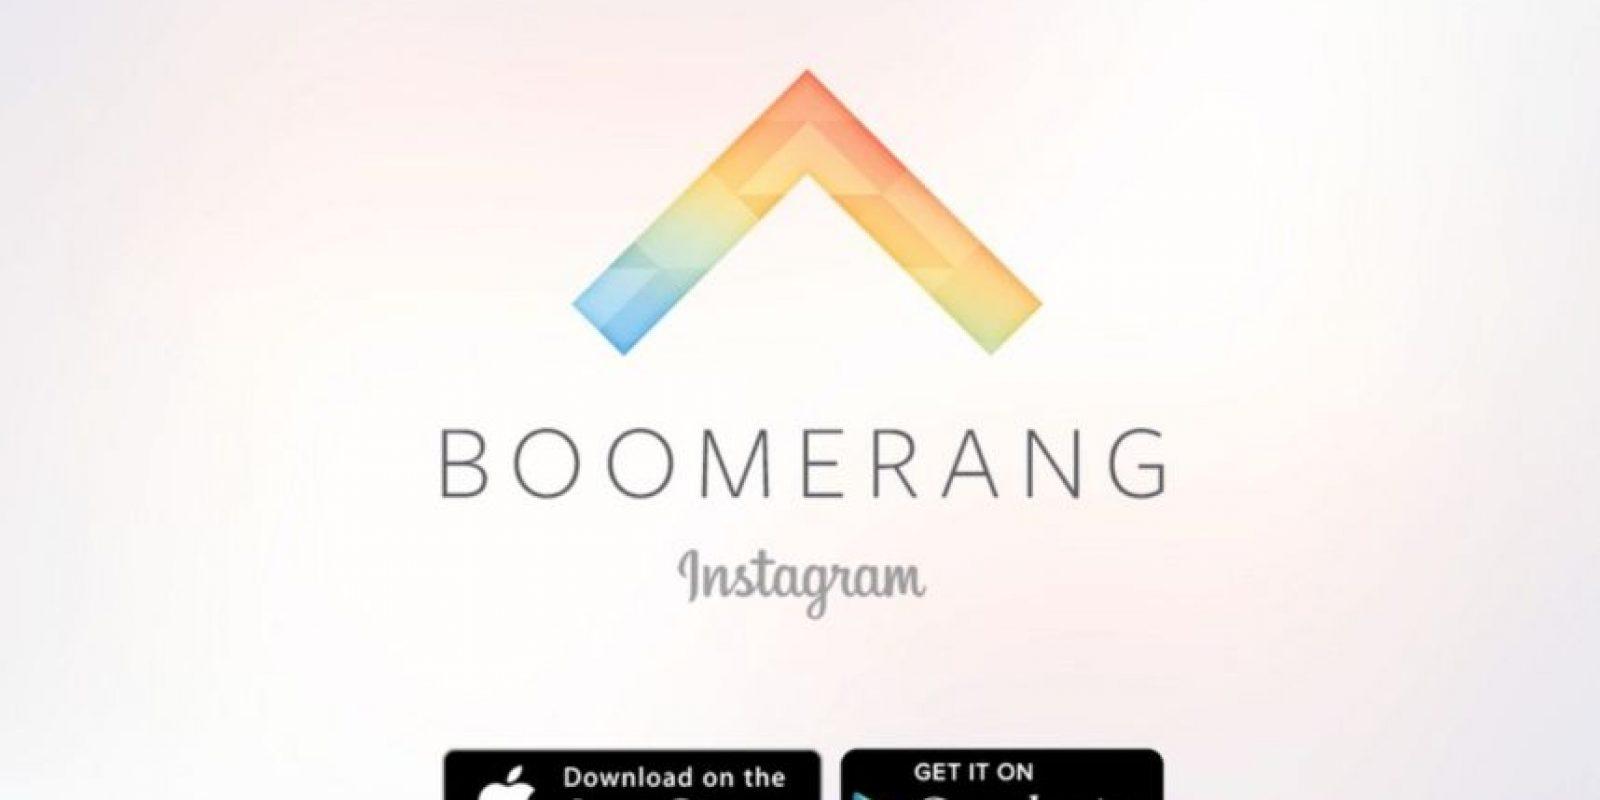 La app es gratuita. Foto:Instagram